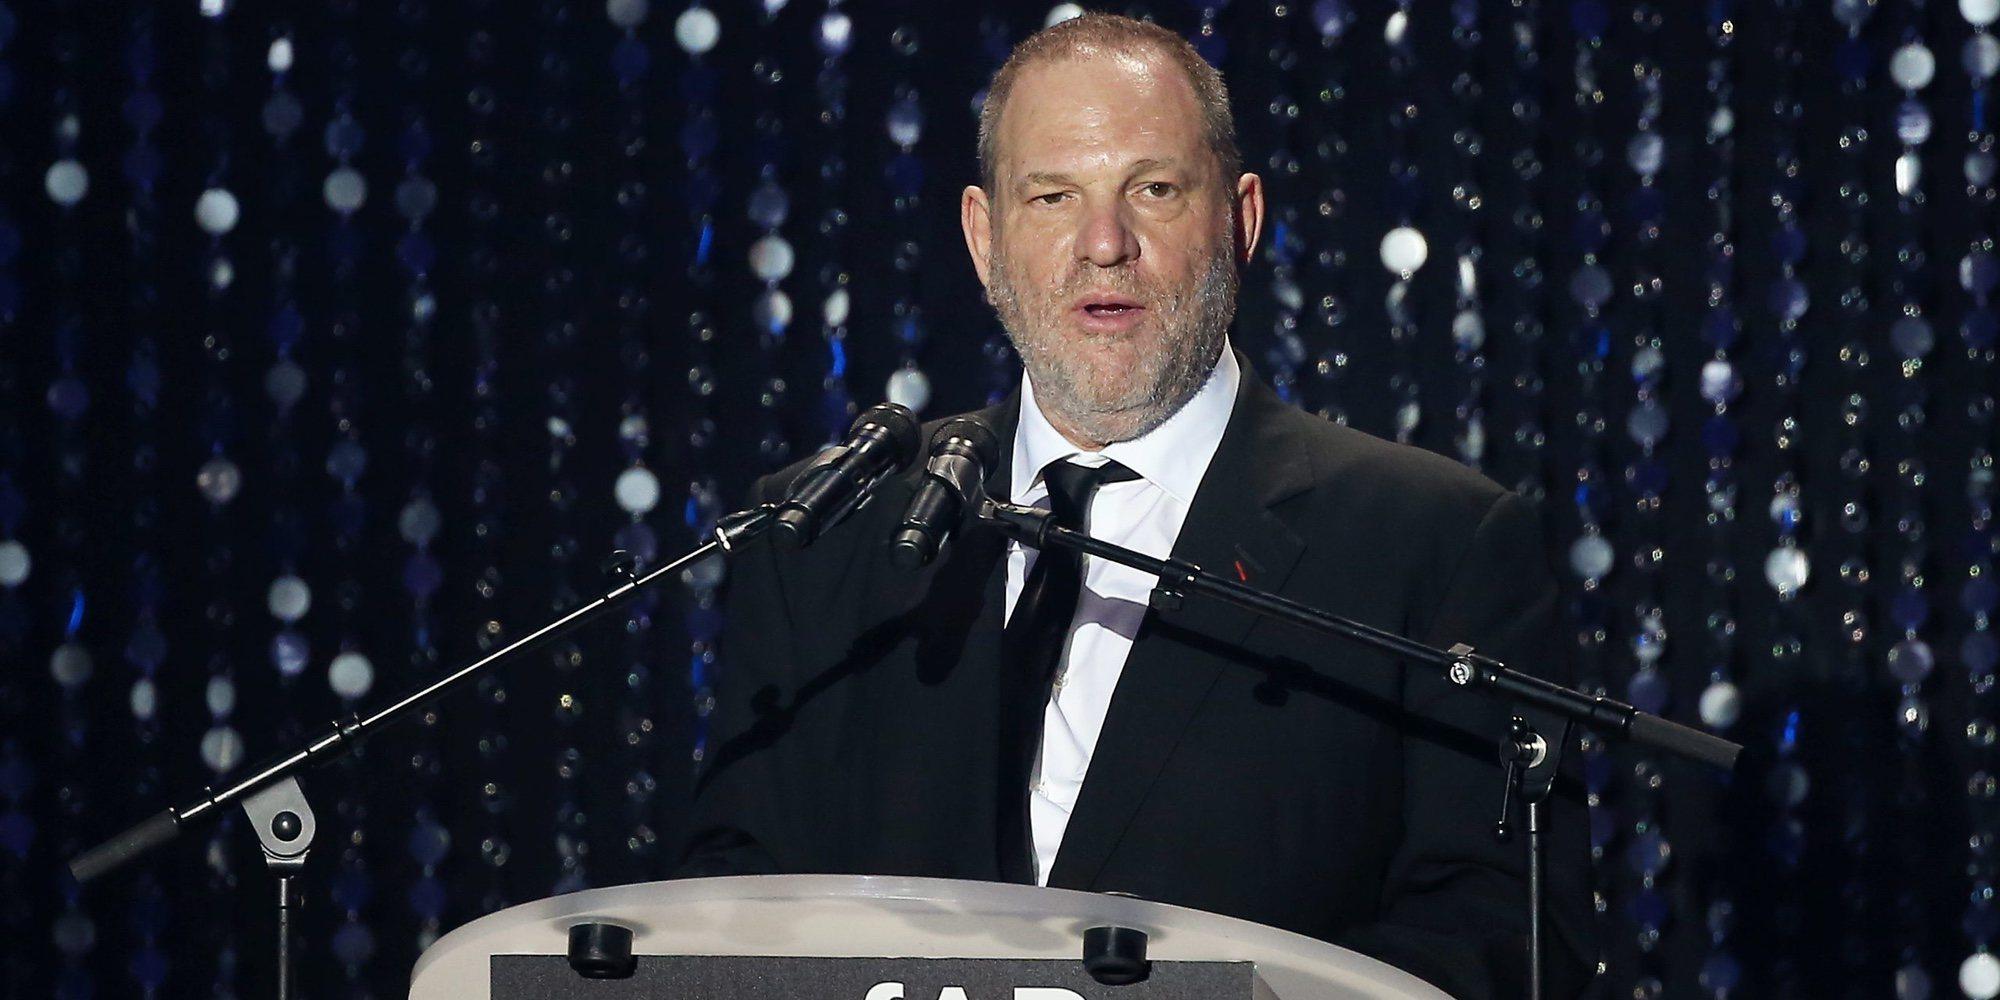 La compañía que Harvey Weinstein fundó con su hermano está en bancarrota